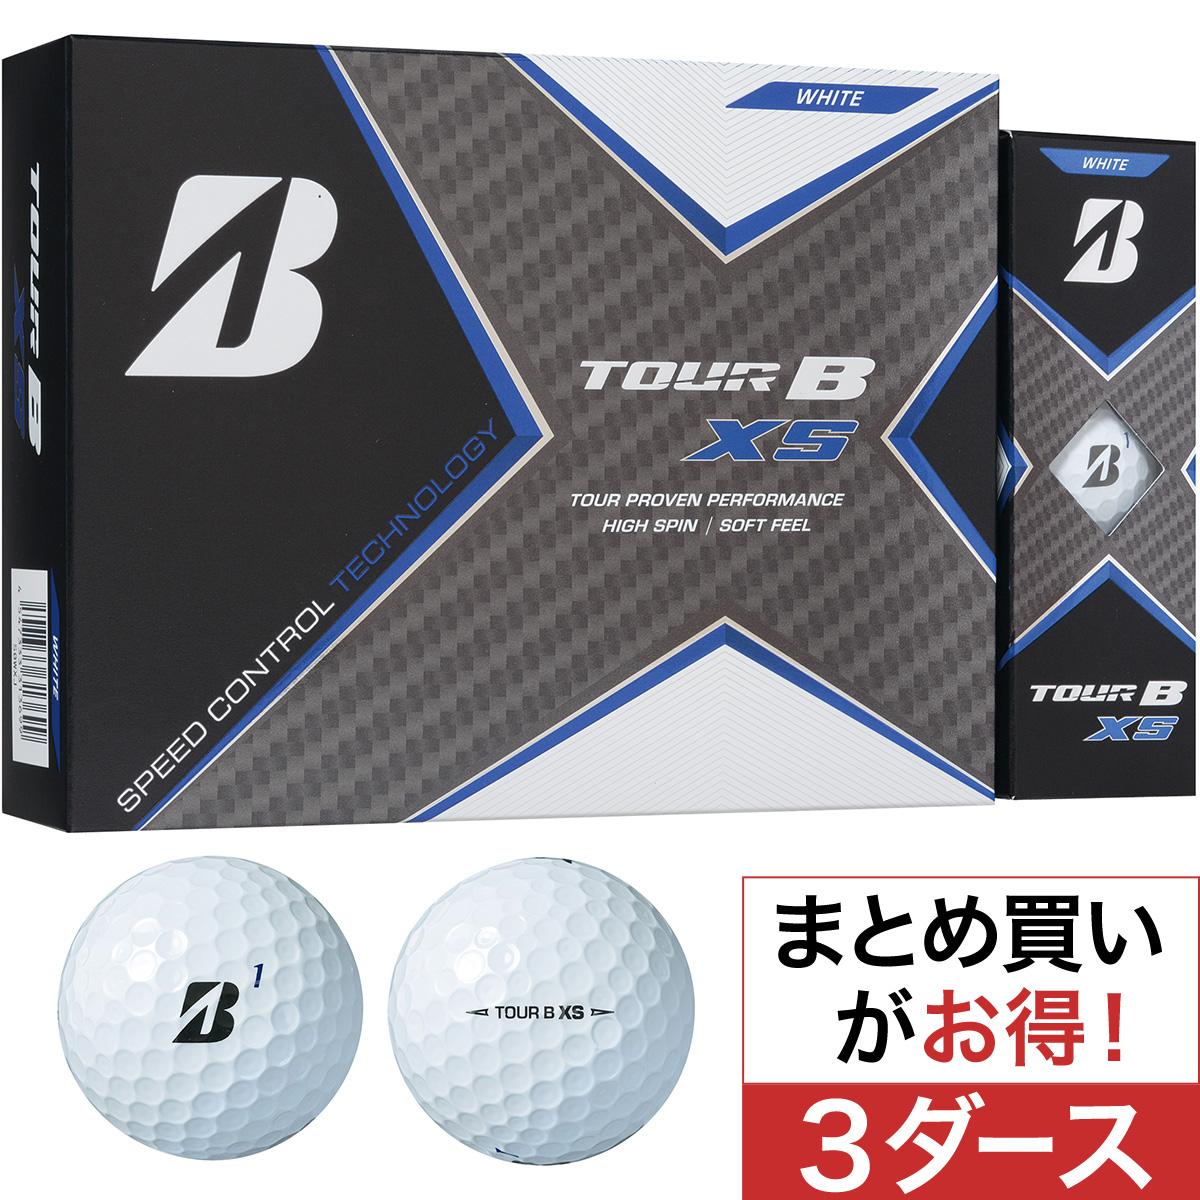 TOUR B XS ボール 3ダースセット【オンネームサービス有り】【2020年2月21日発売予定】